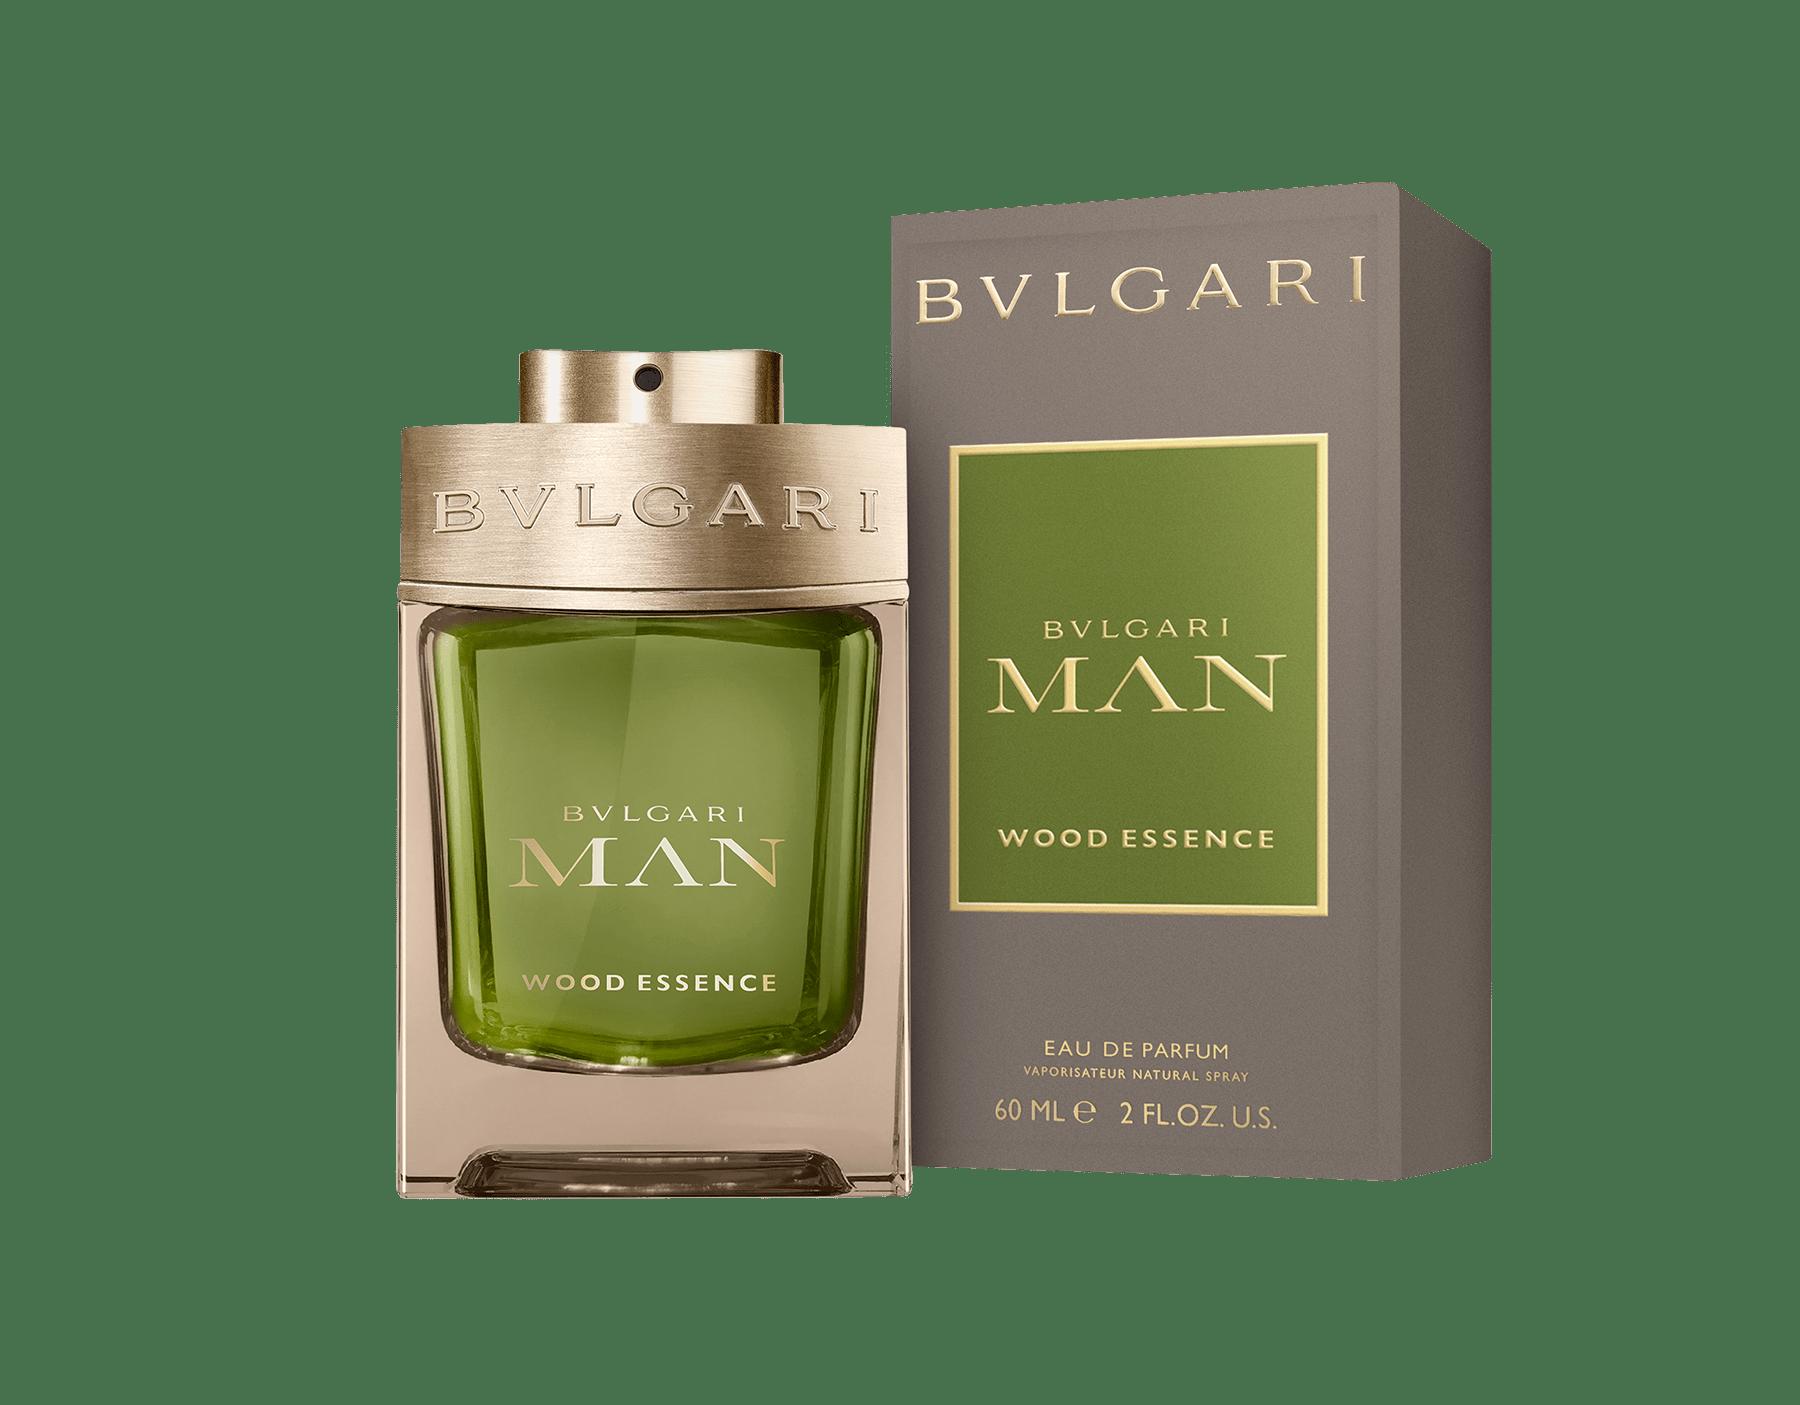 採用上等香料新木質香氛,包括香柏、柏木和香根草,並與溫暖和煦的安息香脂產生共鳴。 46101 image 2